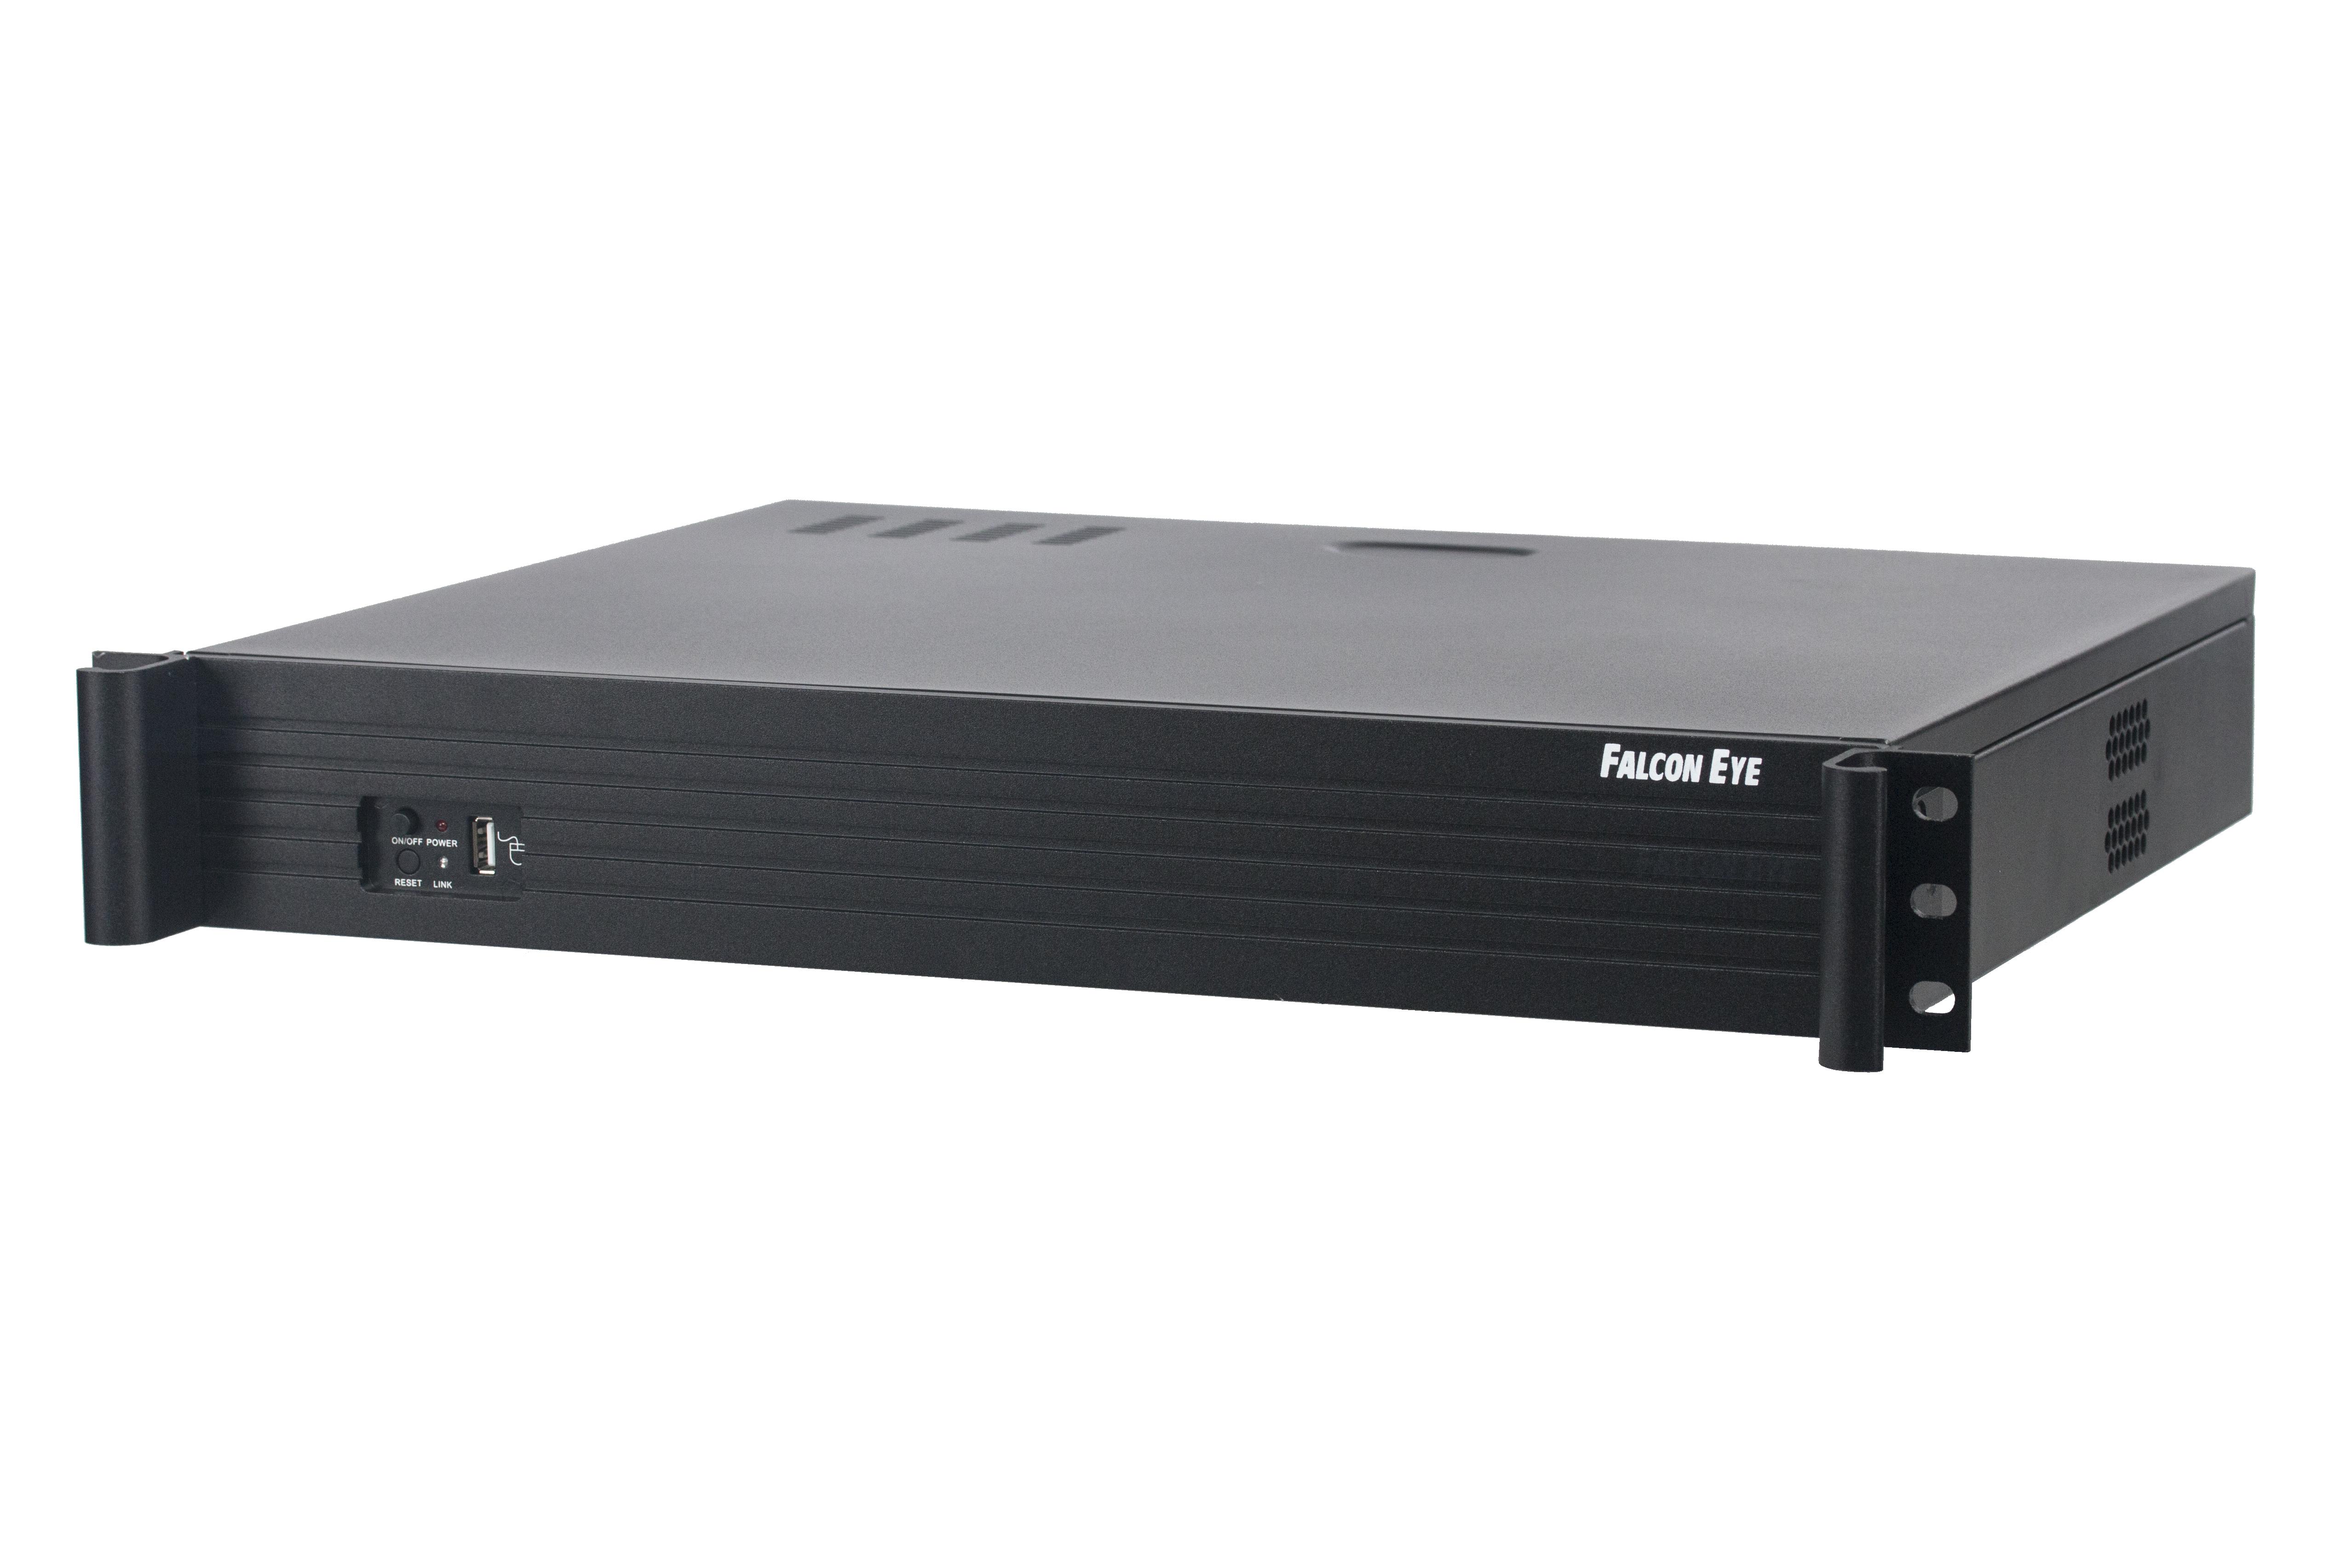 Видеорегистратор Falcon eyeАксессуары для систем видеонаблюдения<br>Назначение: видеорегистратор,<br>Тип: видеорегистратор,<br>Температура: -10C...... +55C,<br>Количество каналов: 37<br>